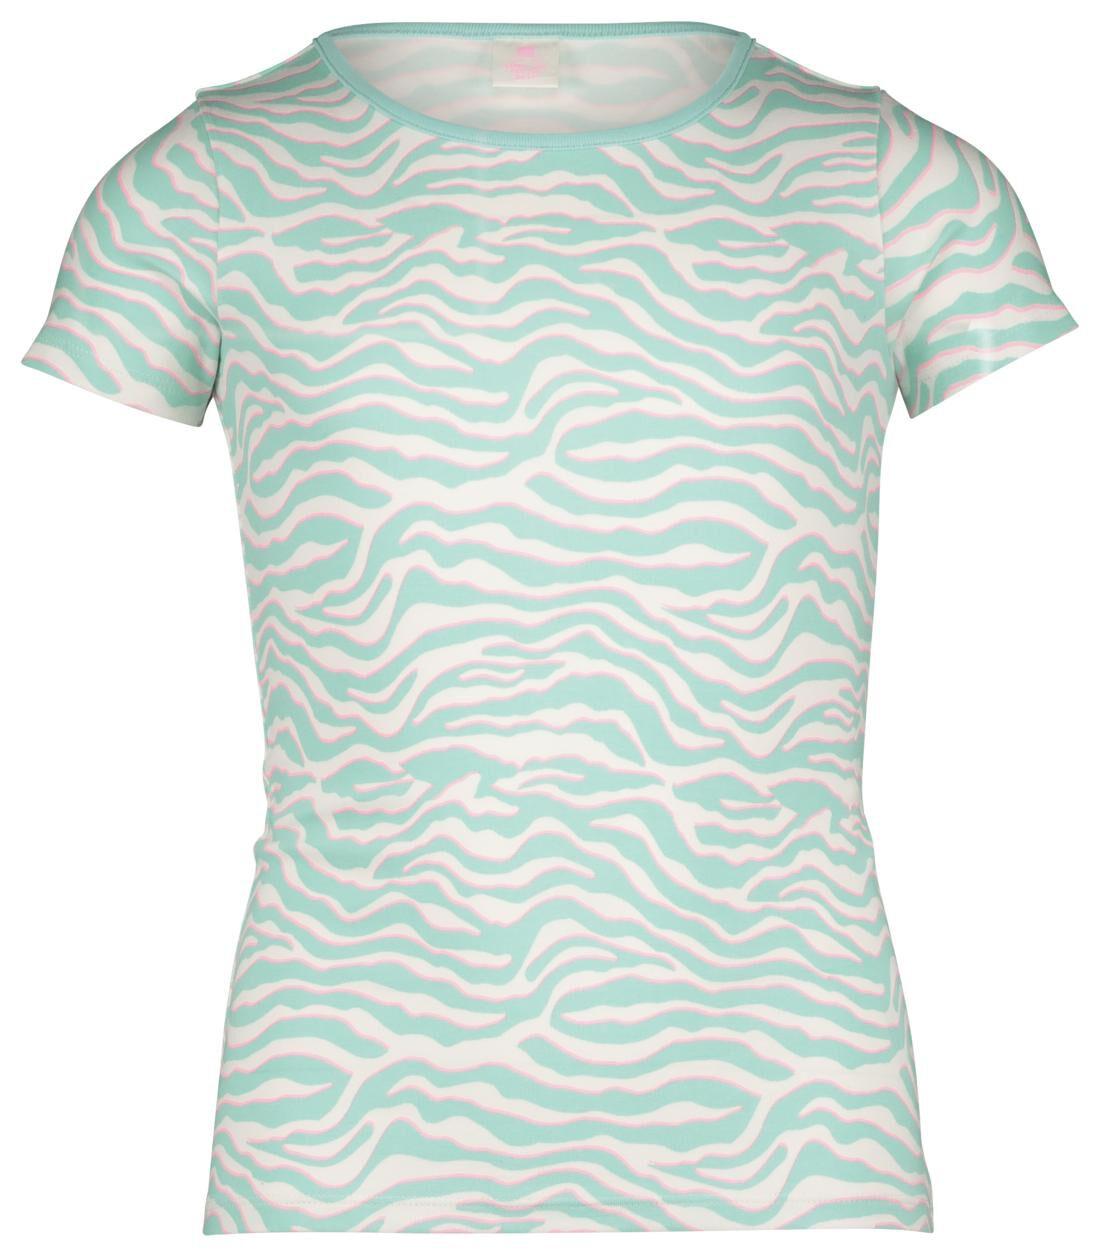 HEMA Kinder T-shirt Groen (groen)